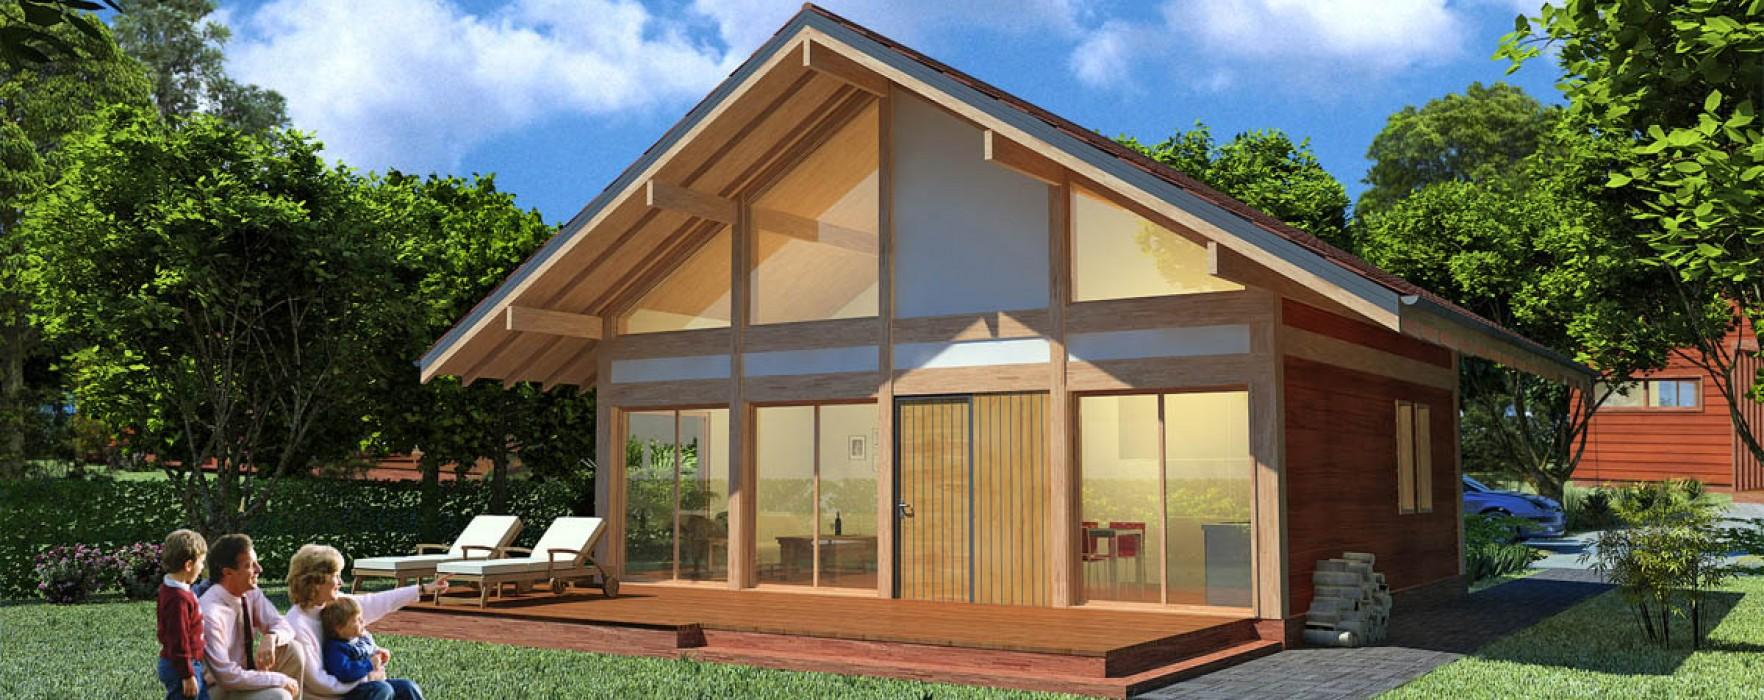 Furti e case prefabbricate for Casa in legno prefabbricata